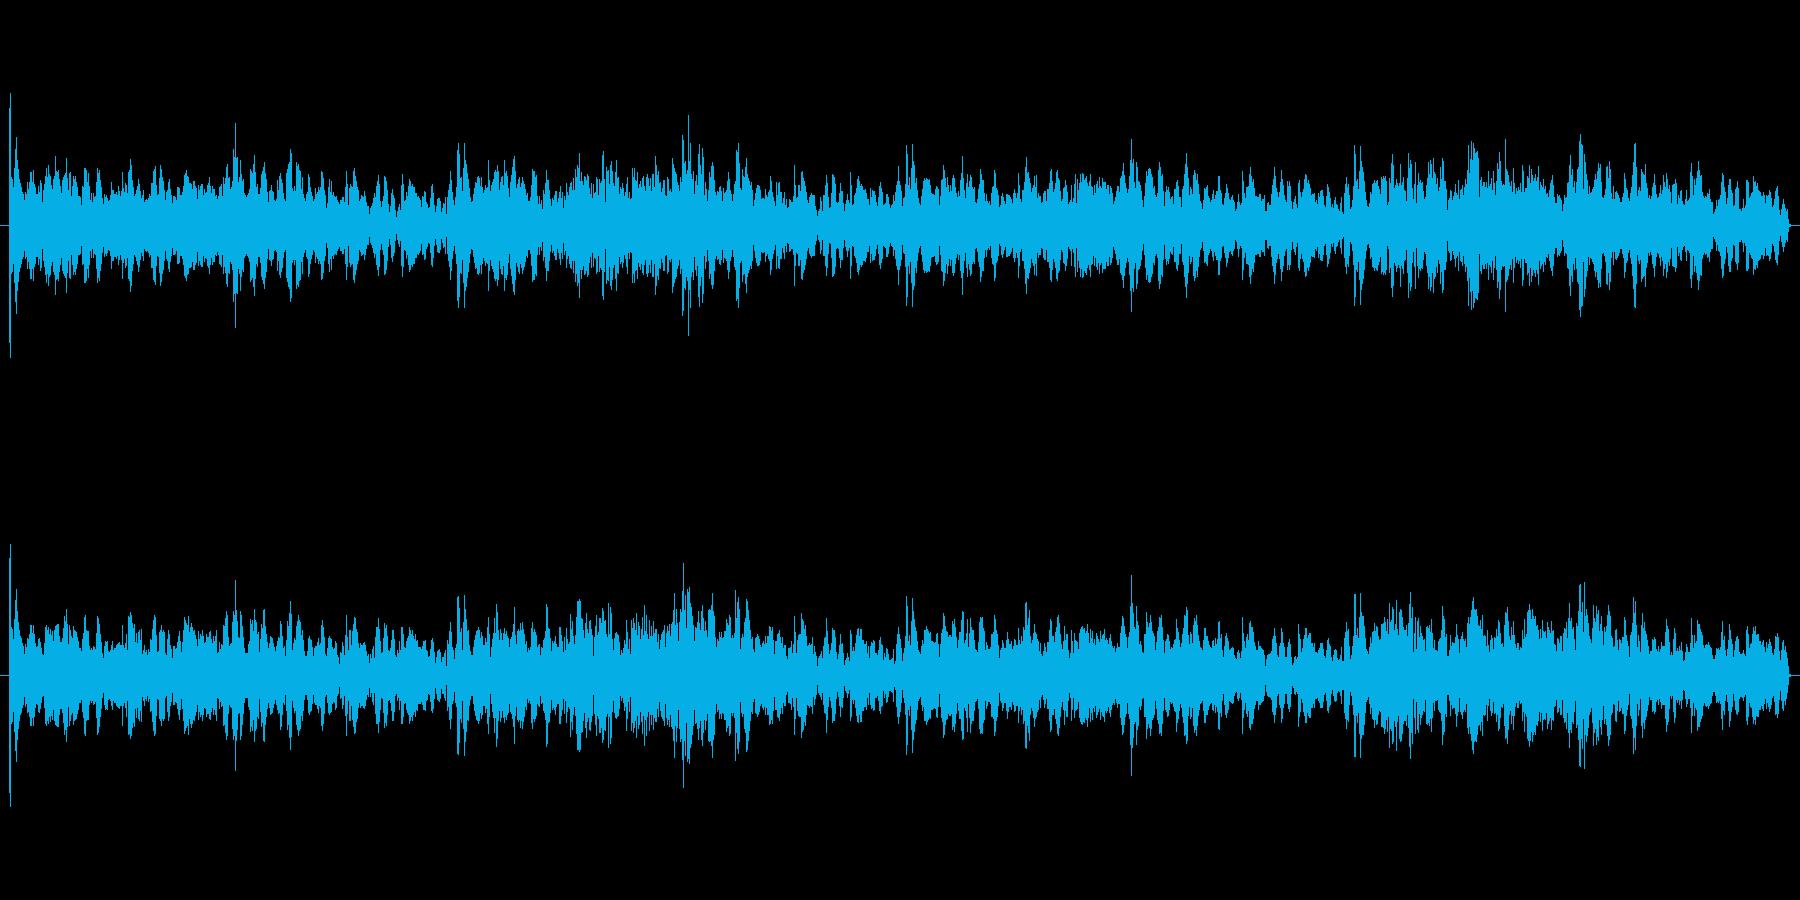 機械的テクノループゲームメニュー画面の再生済みの波形